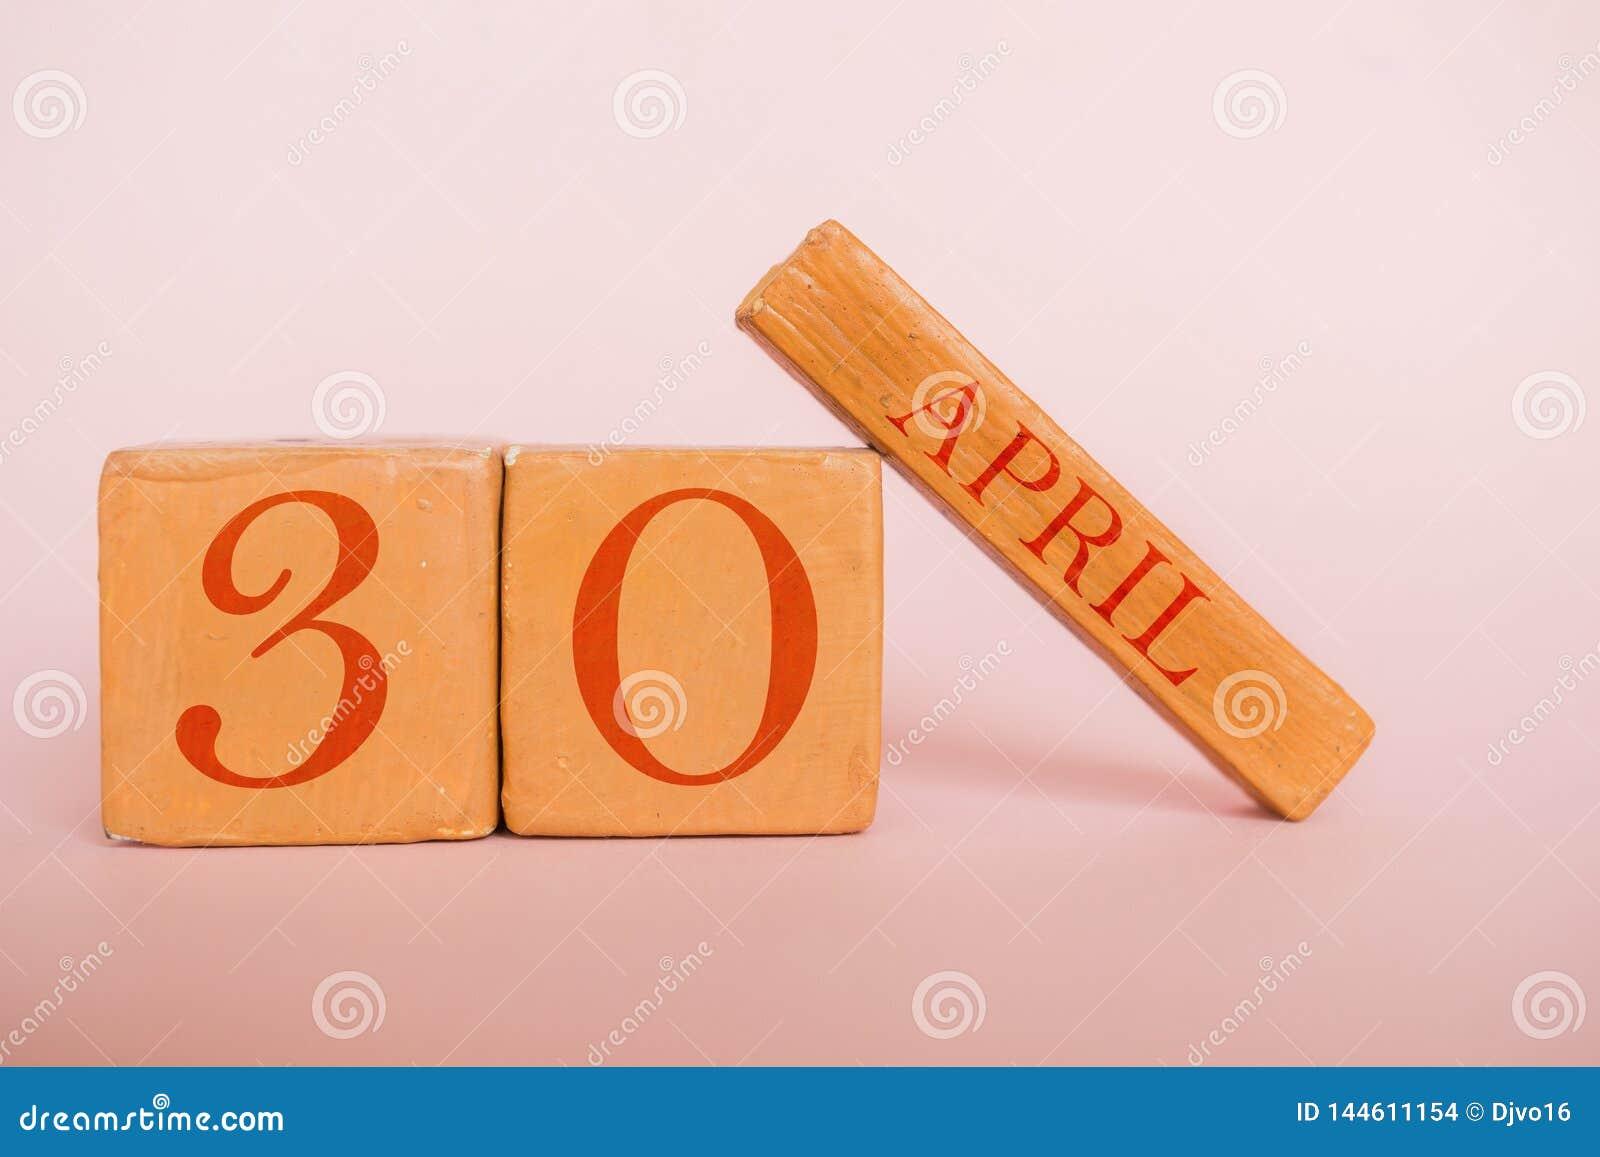 30 Απριλίου Ημέρα 30 του μήνα, χειροποίητο ξύλινο ημερολόγιο στο σύγχρονο υπόβαθρο χρώματος μήνας άνοιξη, ημέρα της έννοιας έτους